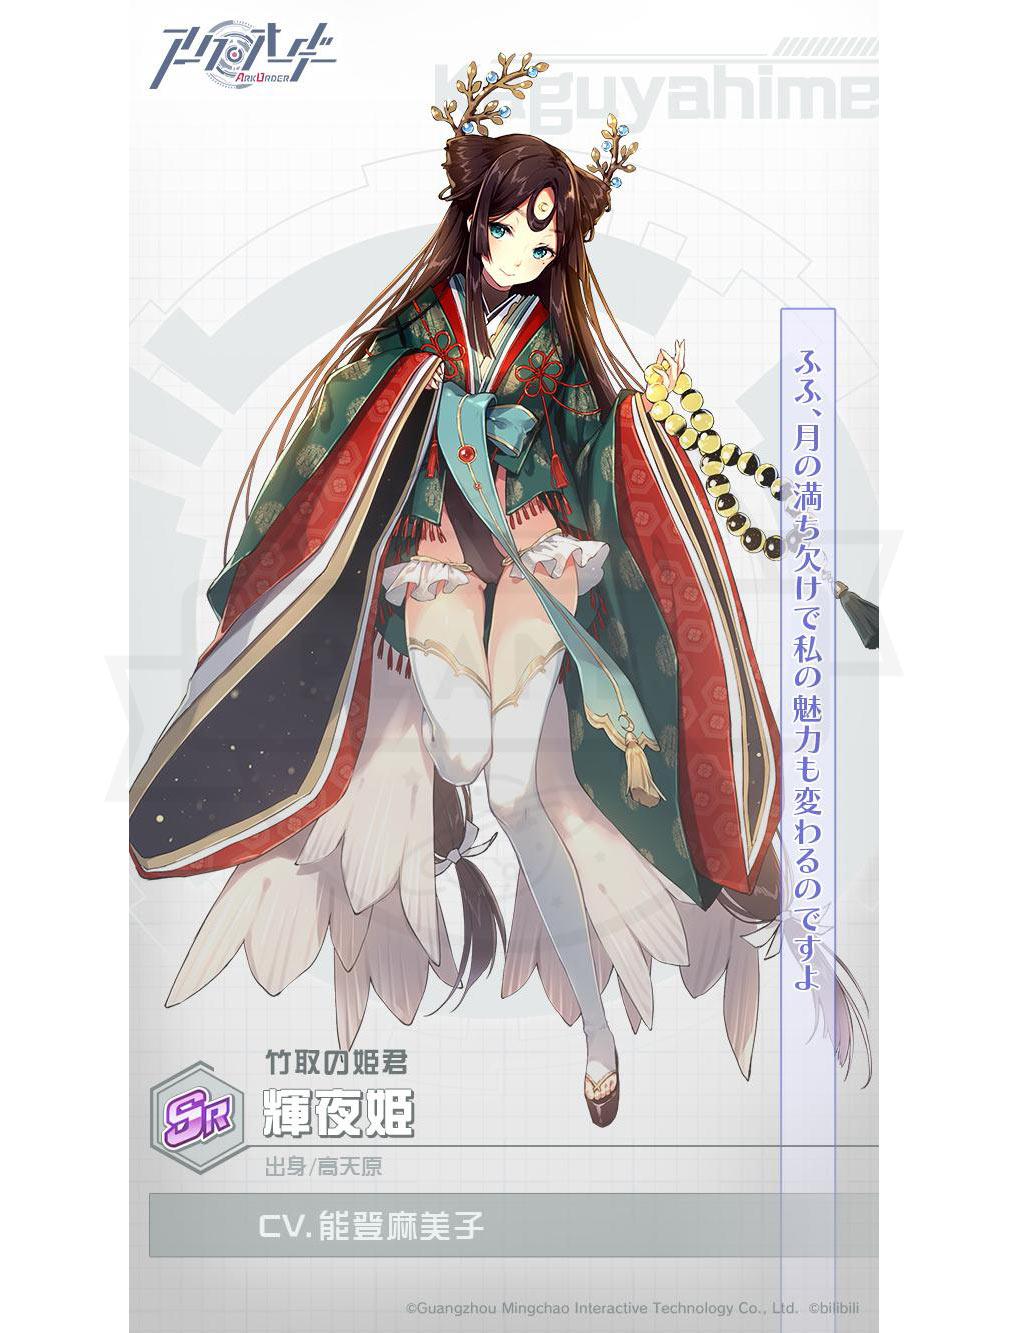 アークオーダー 誓霊キャラクター『輝夜姫』紹介イメージ